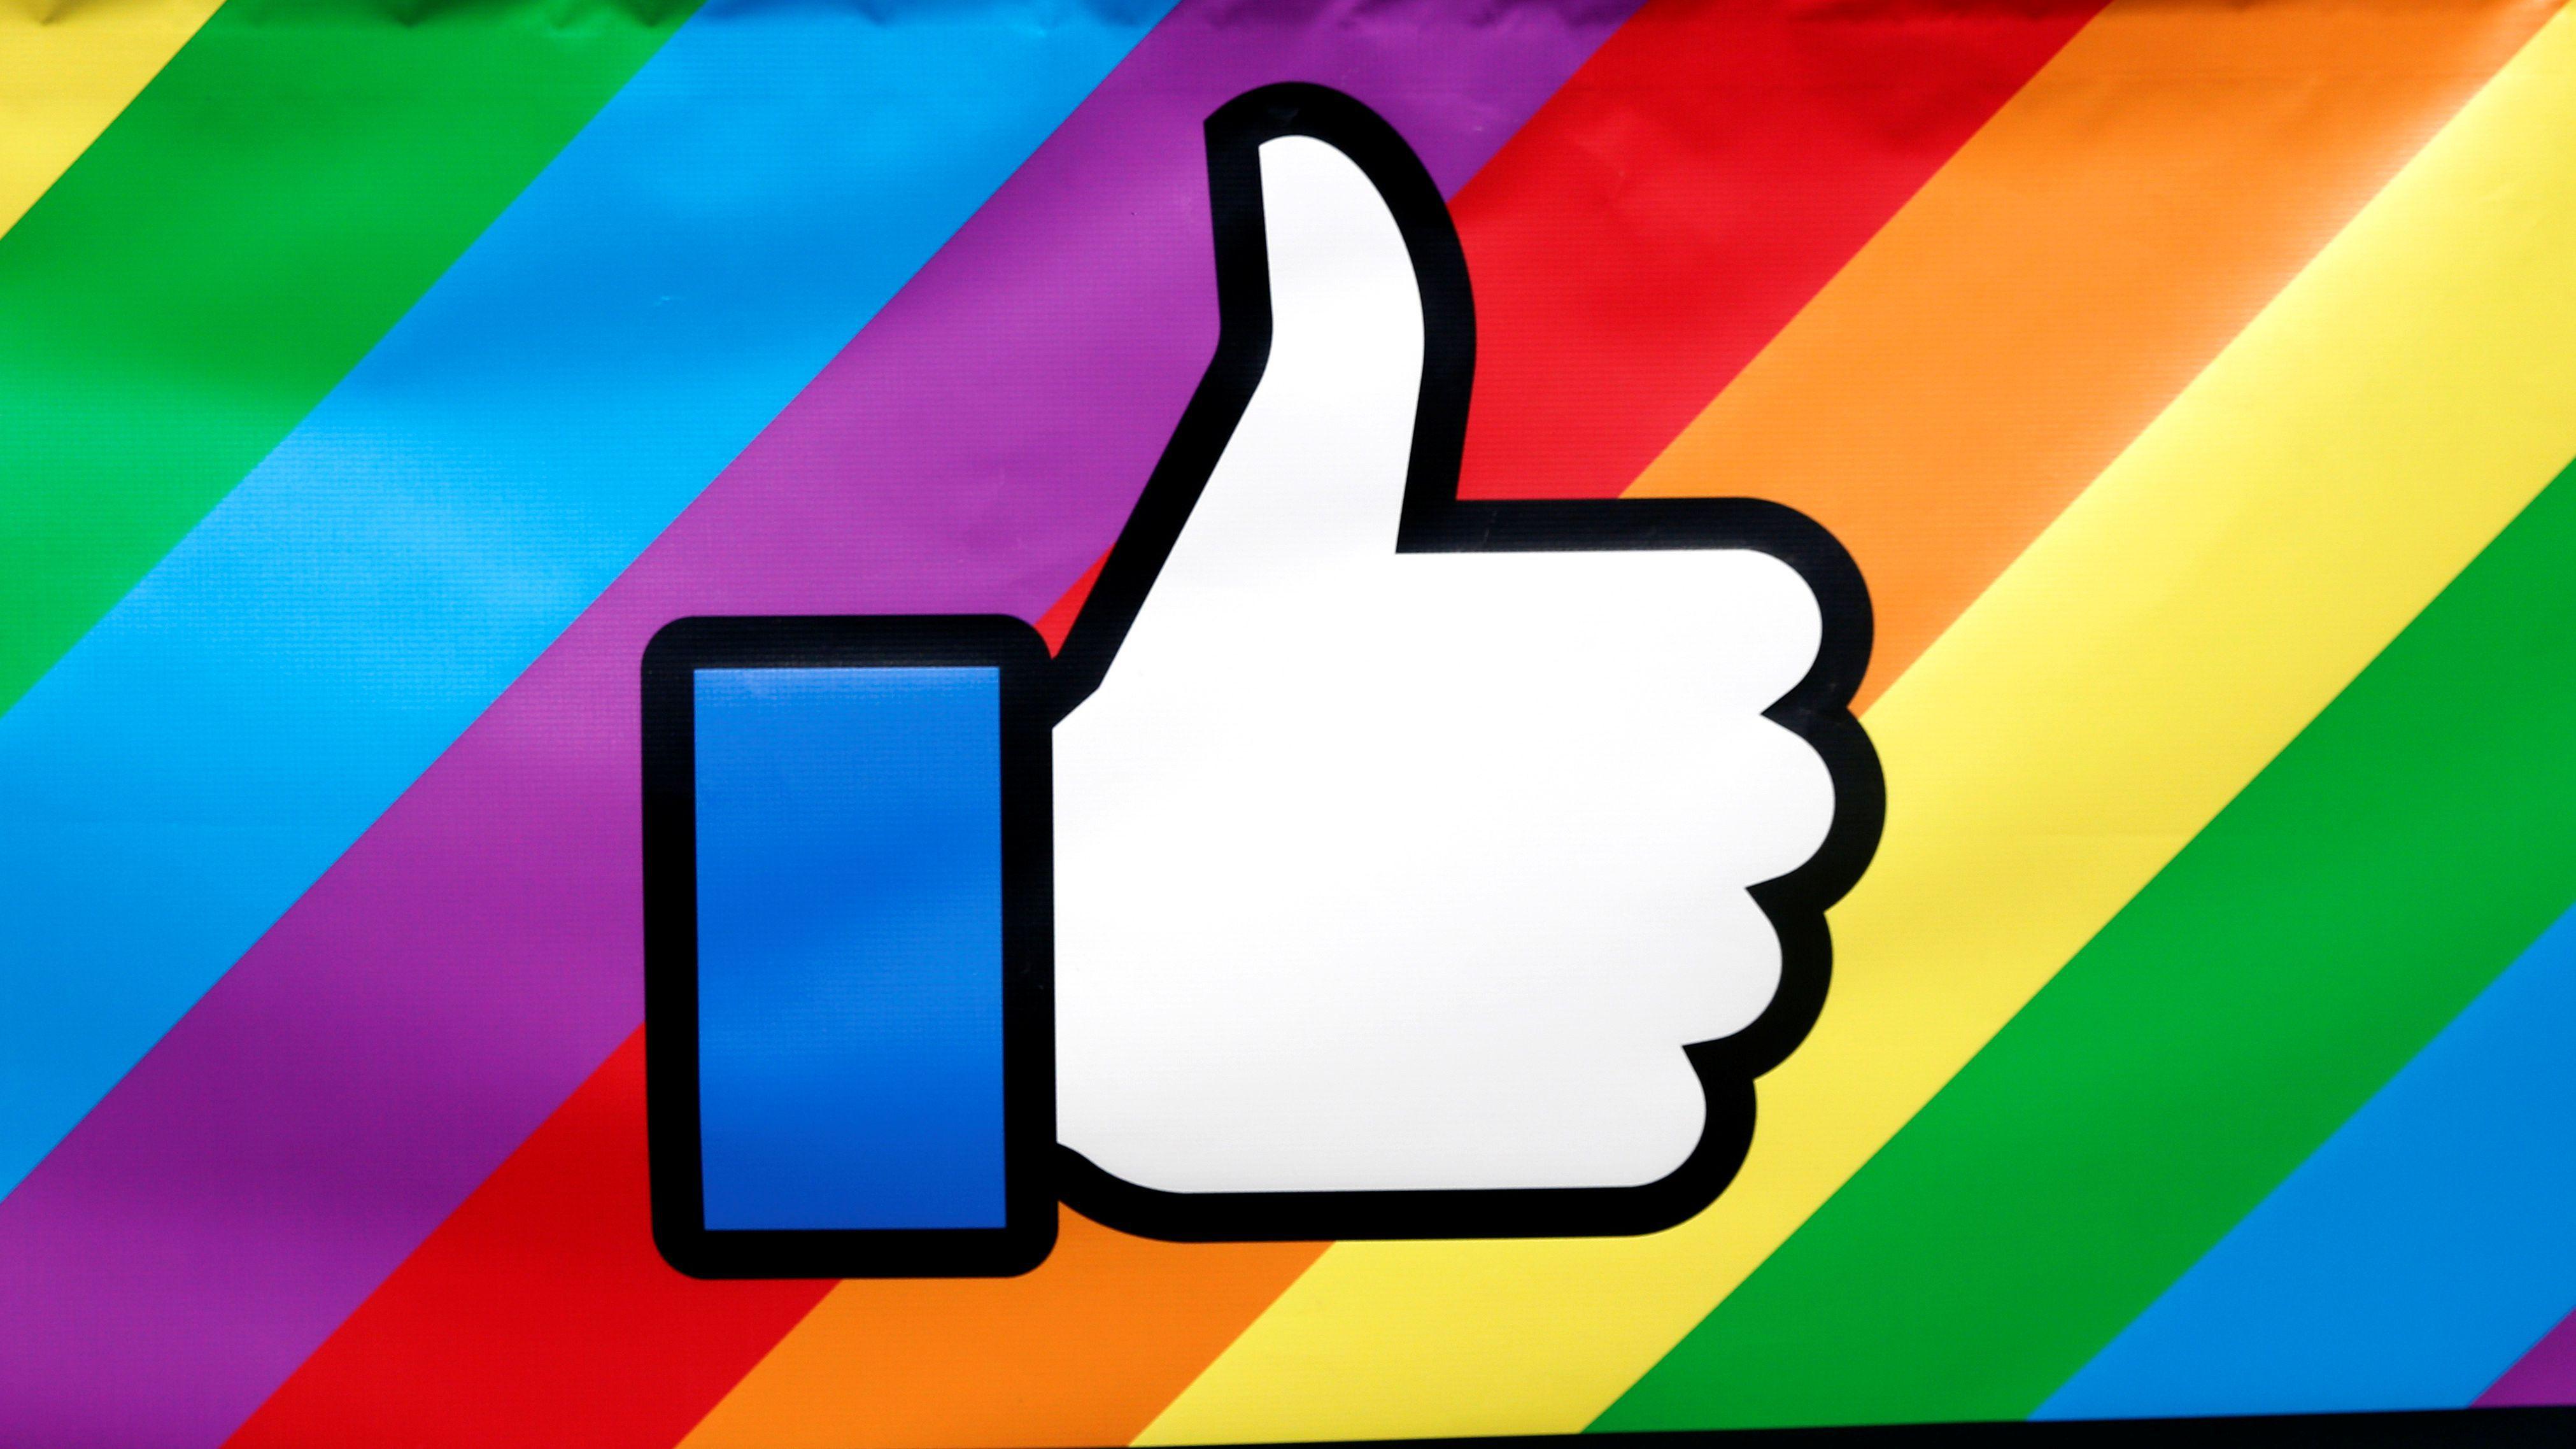 Facebook Gökkuşağı Simgesini Türkiye'de Dolaşımdan kaldırdı!